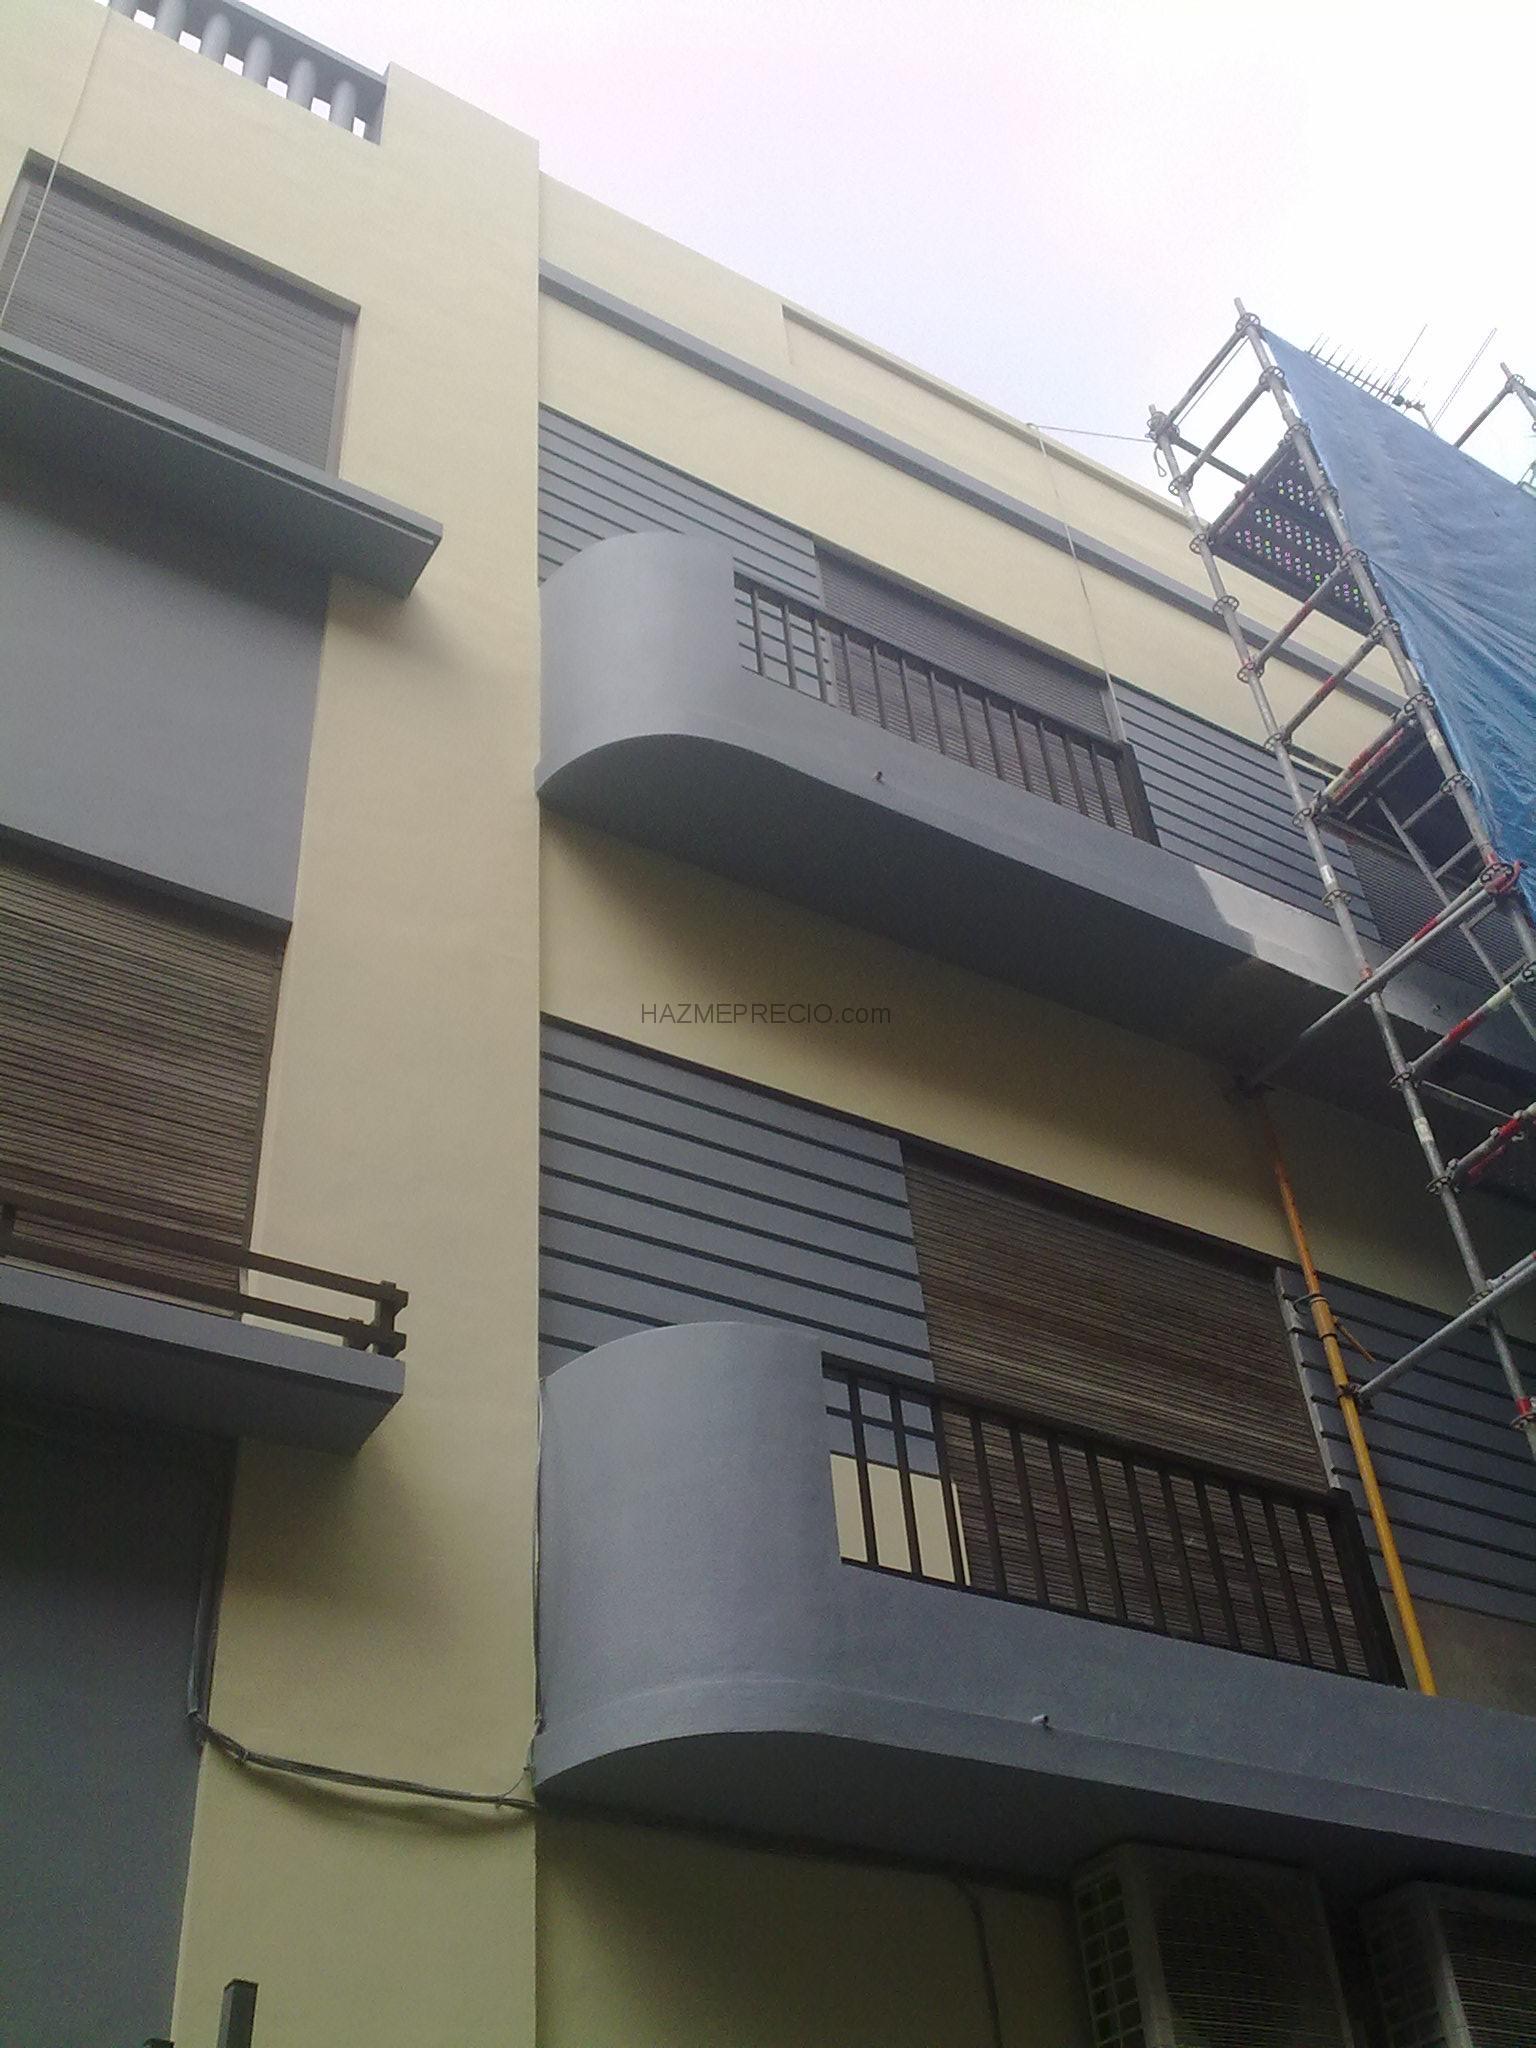 Images barandas balcones para terrazas balcon portal for Barandas para terrazas